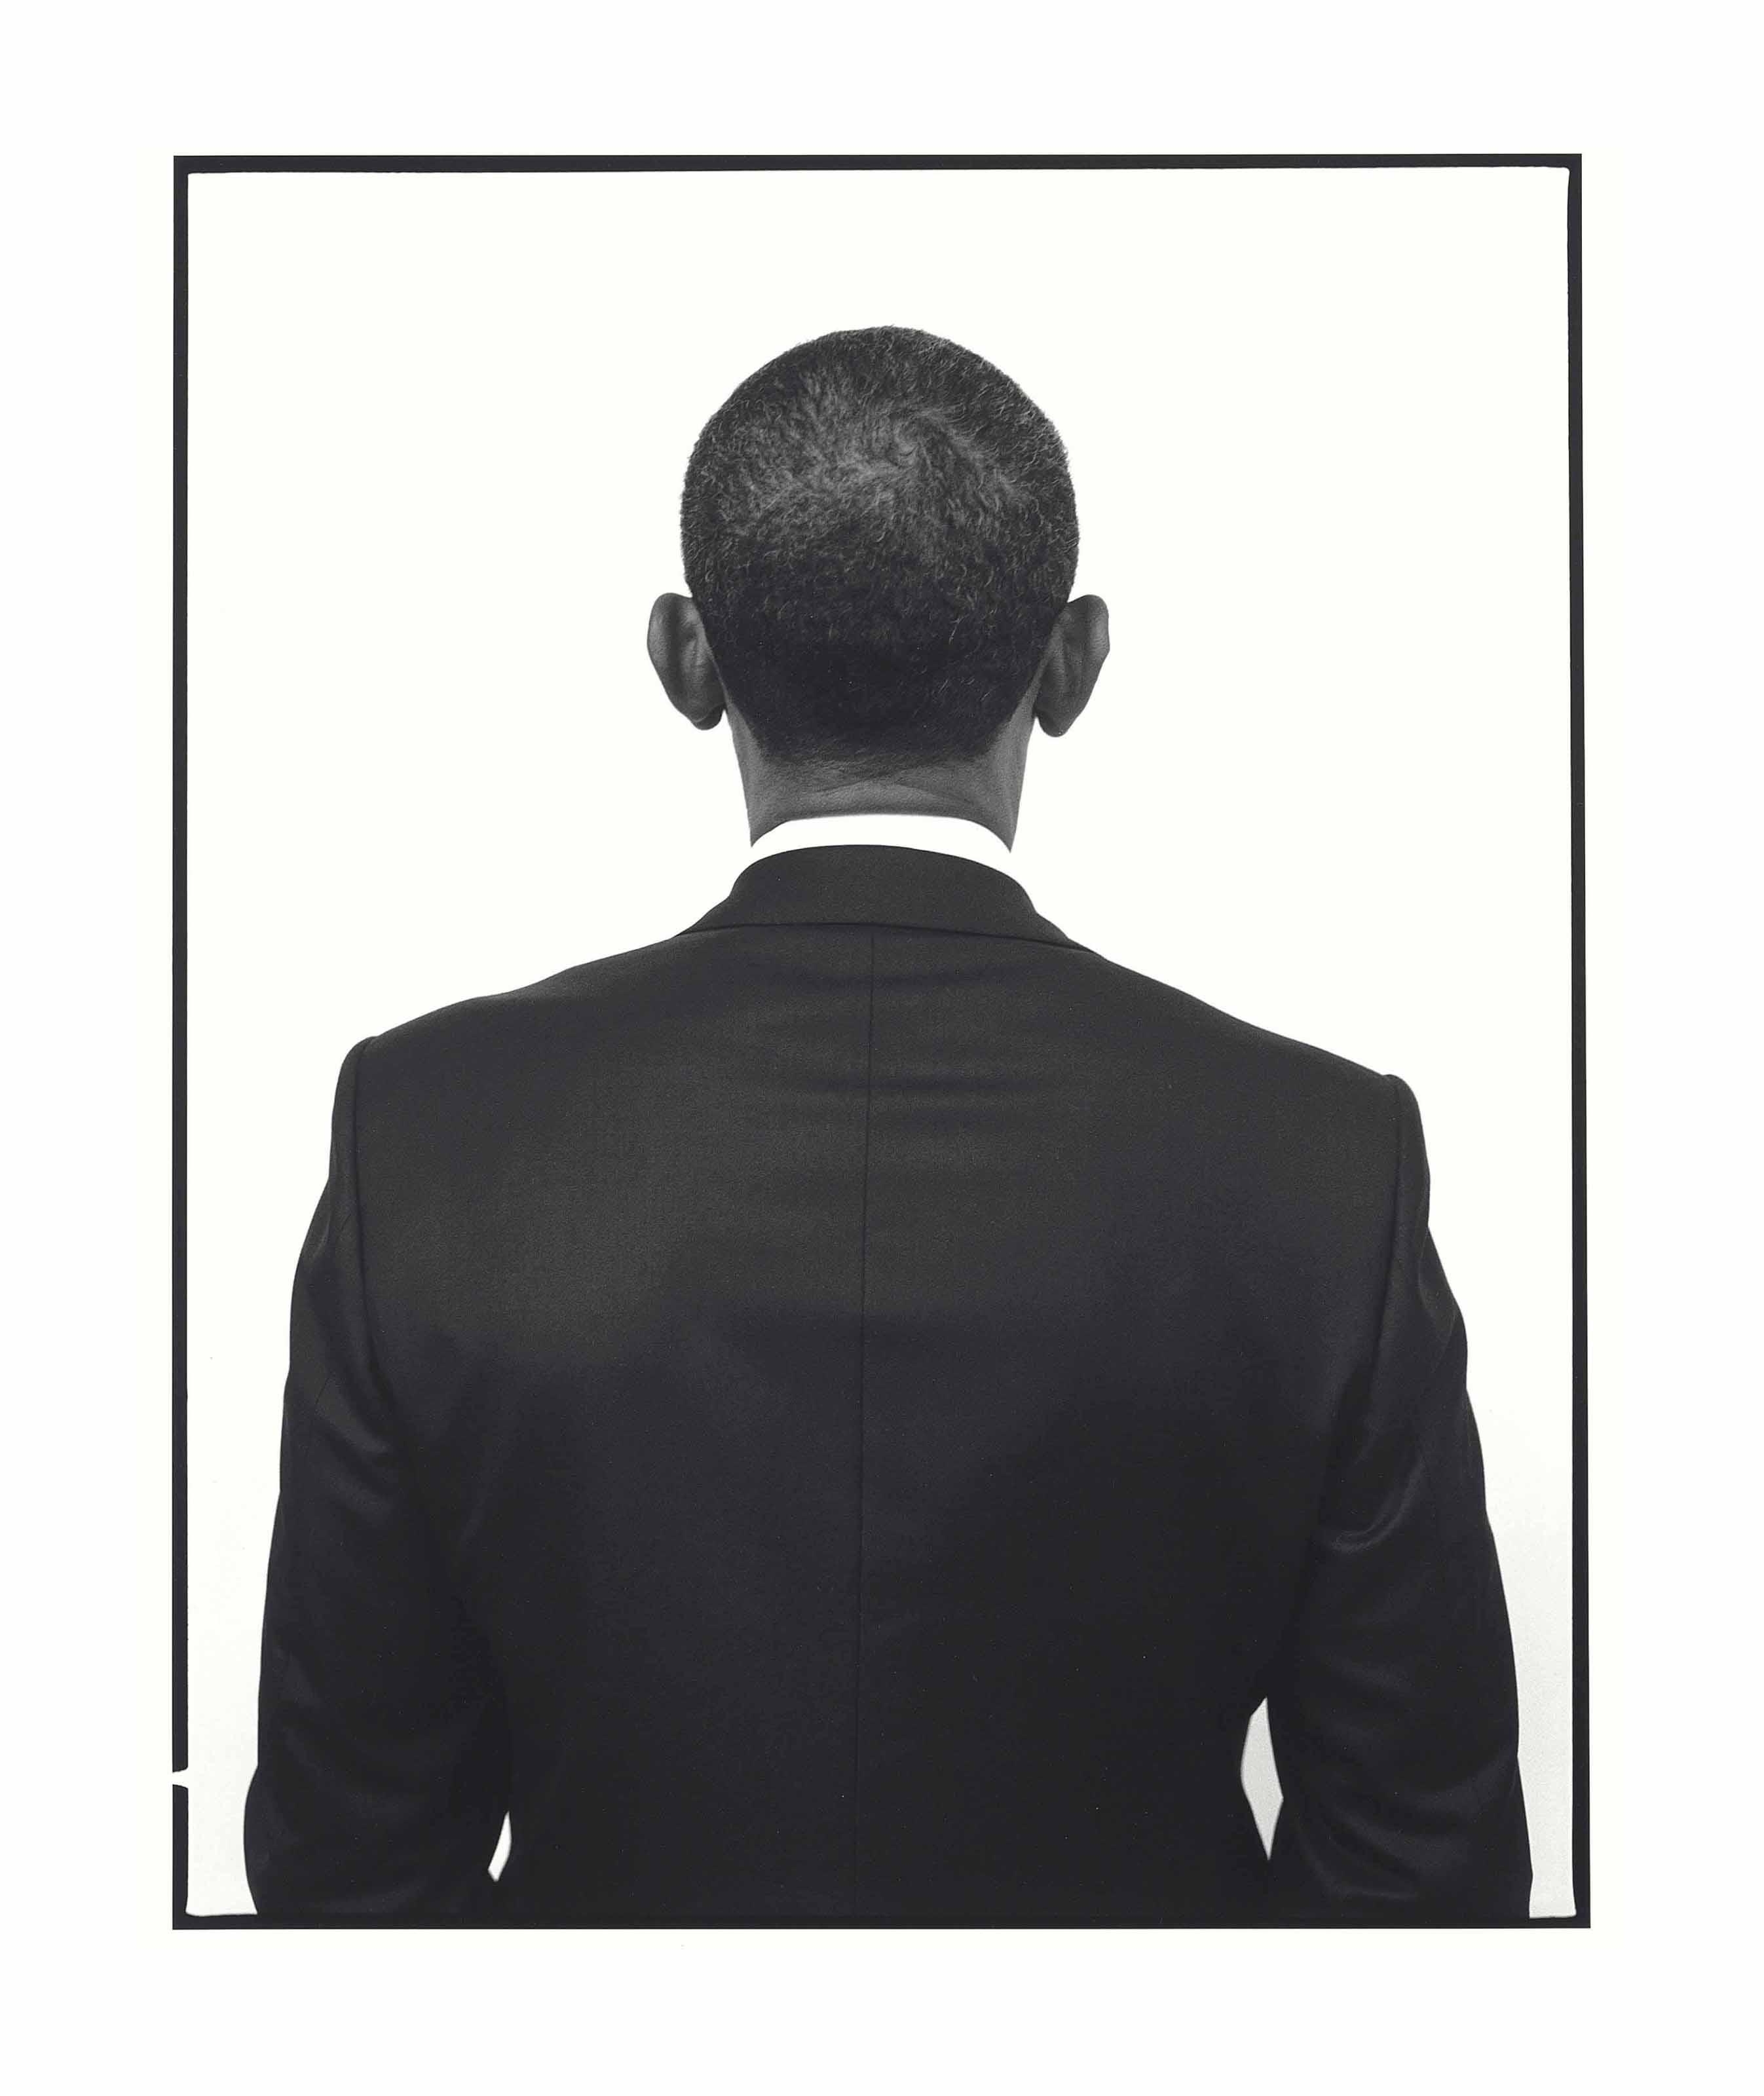 Barack Obama, The White House, Washington, D.C., 2010